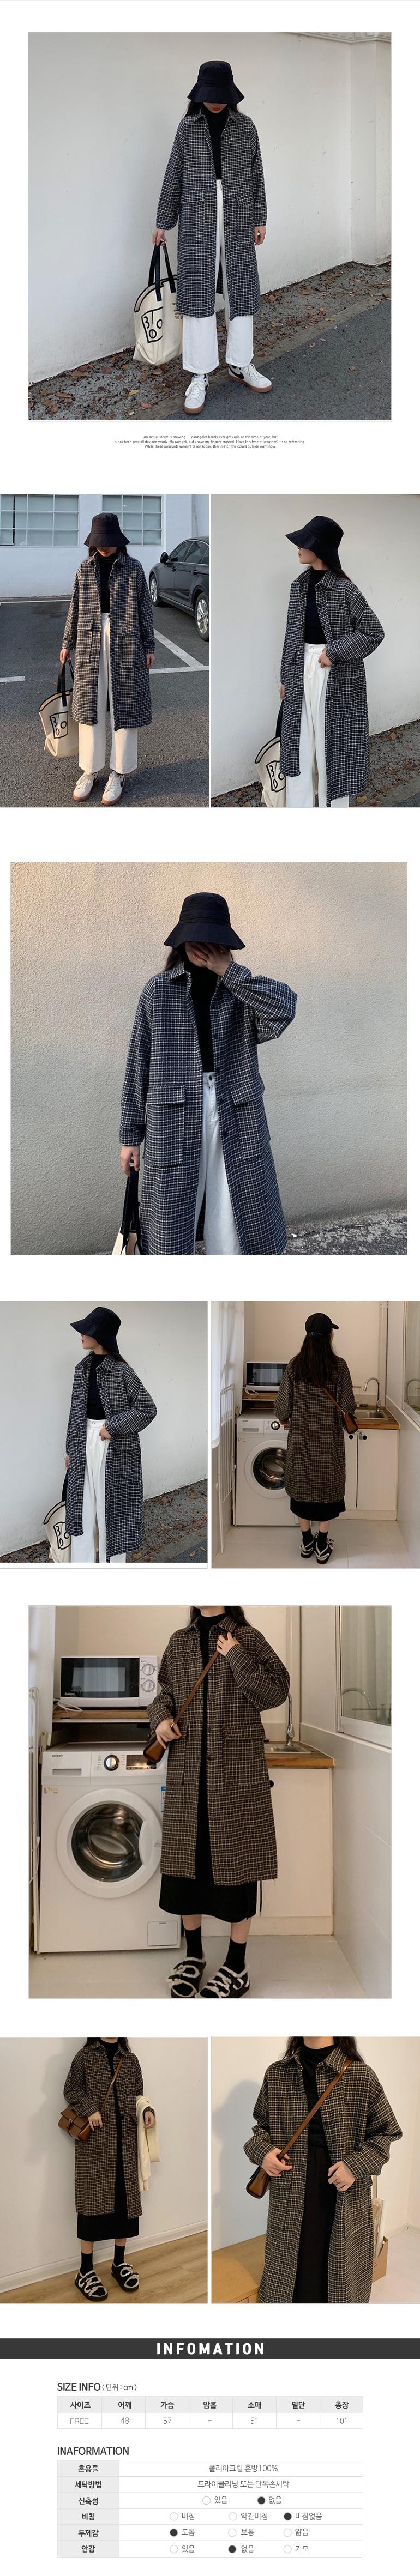 Keyring check coat